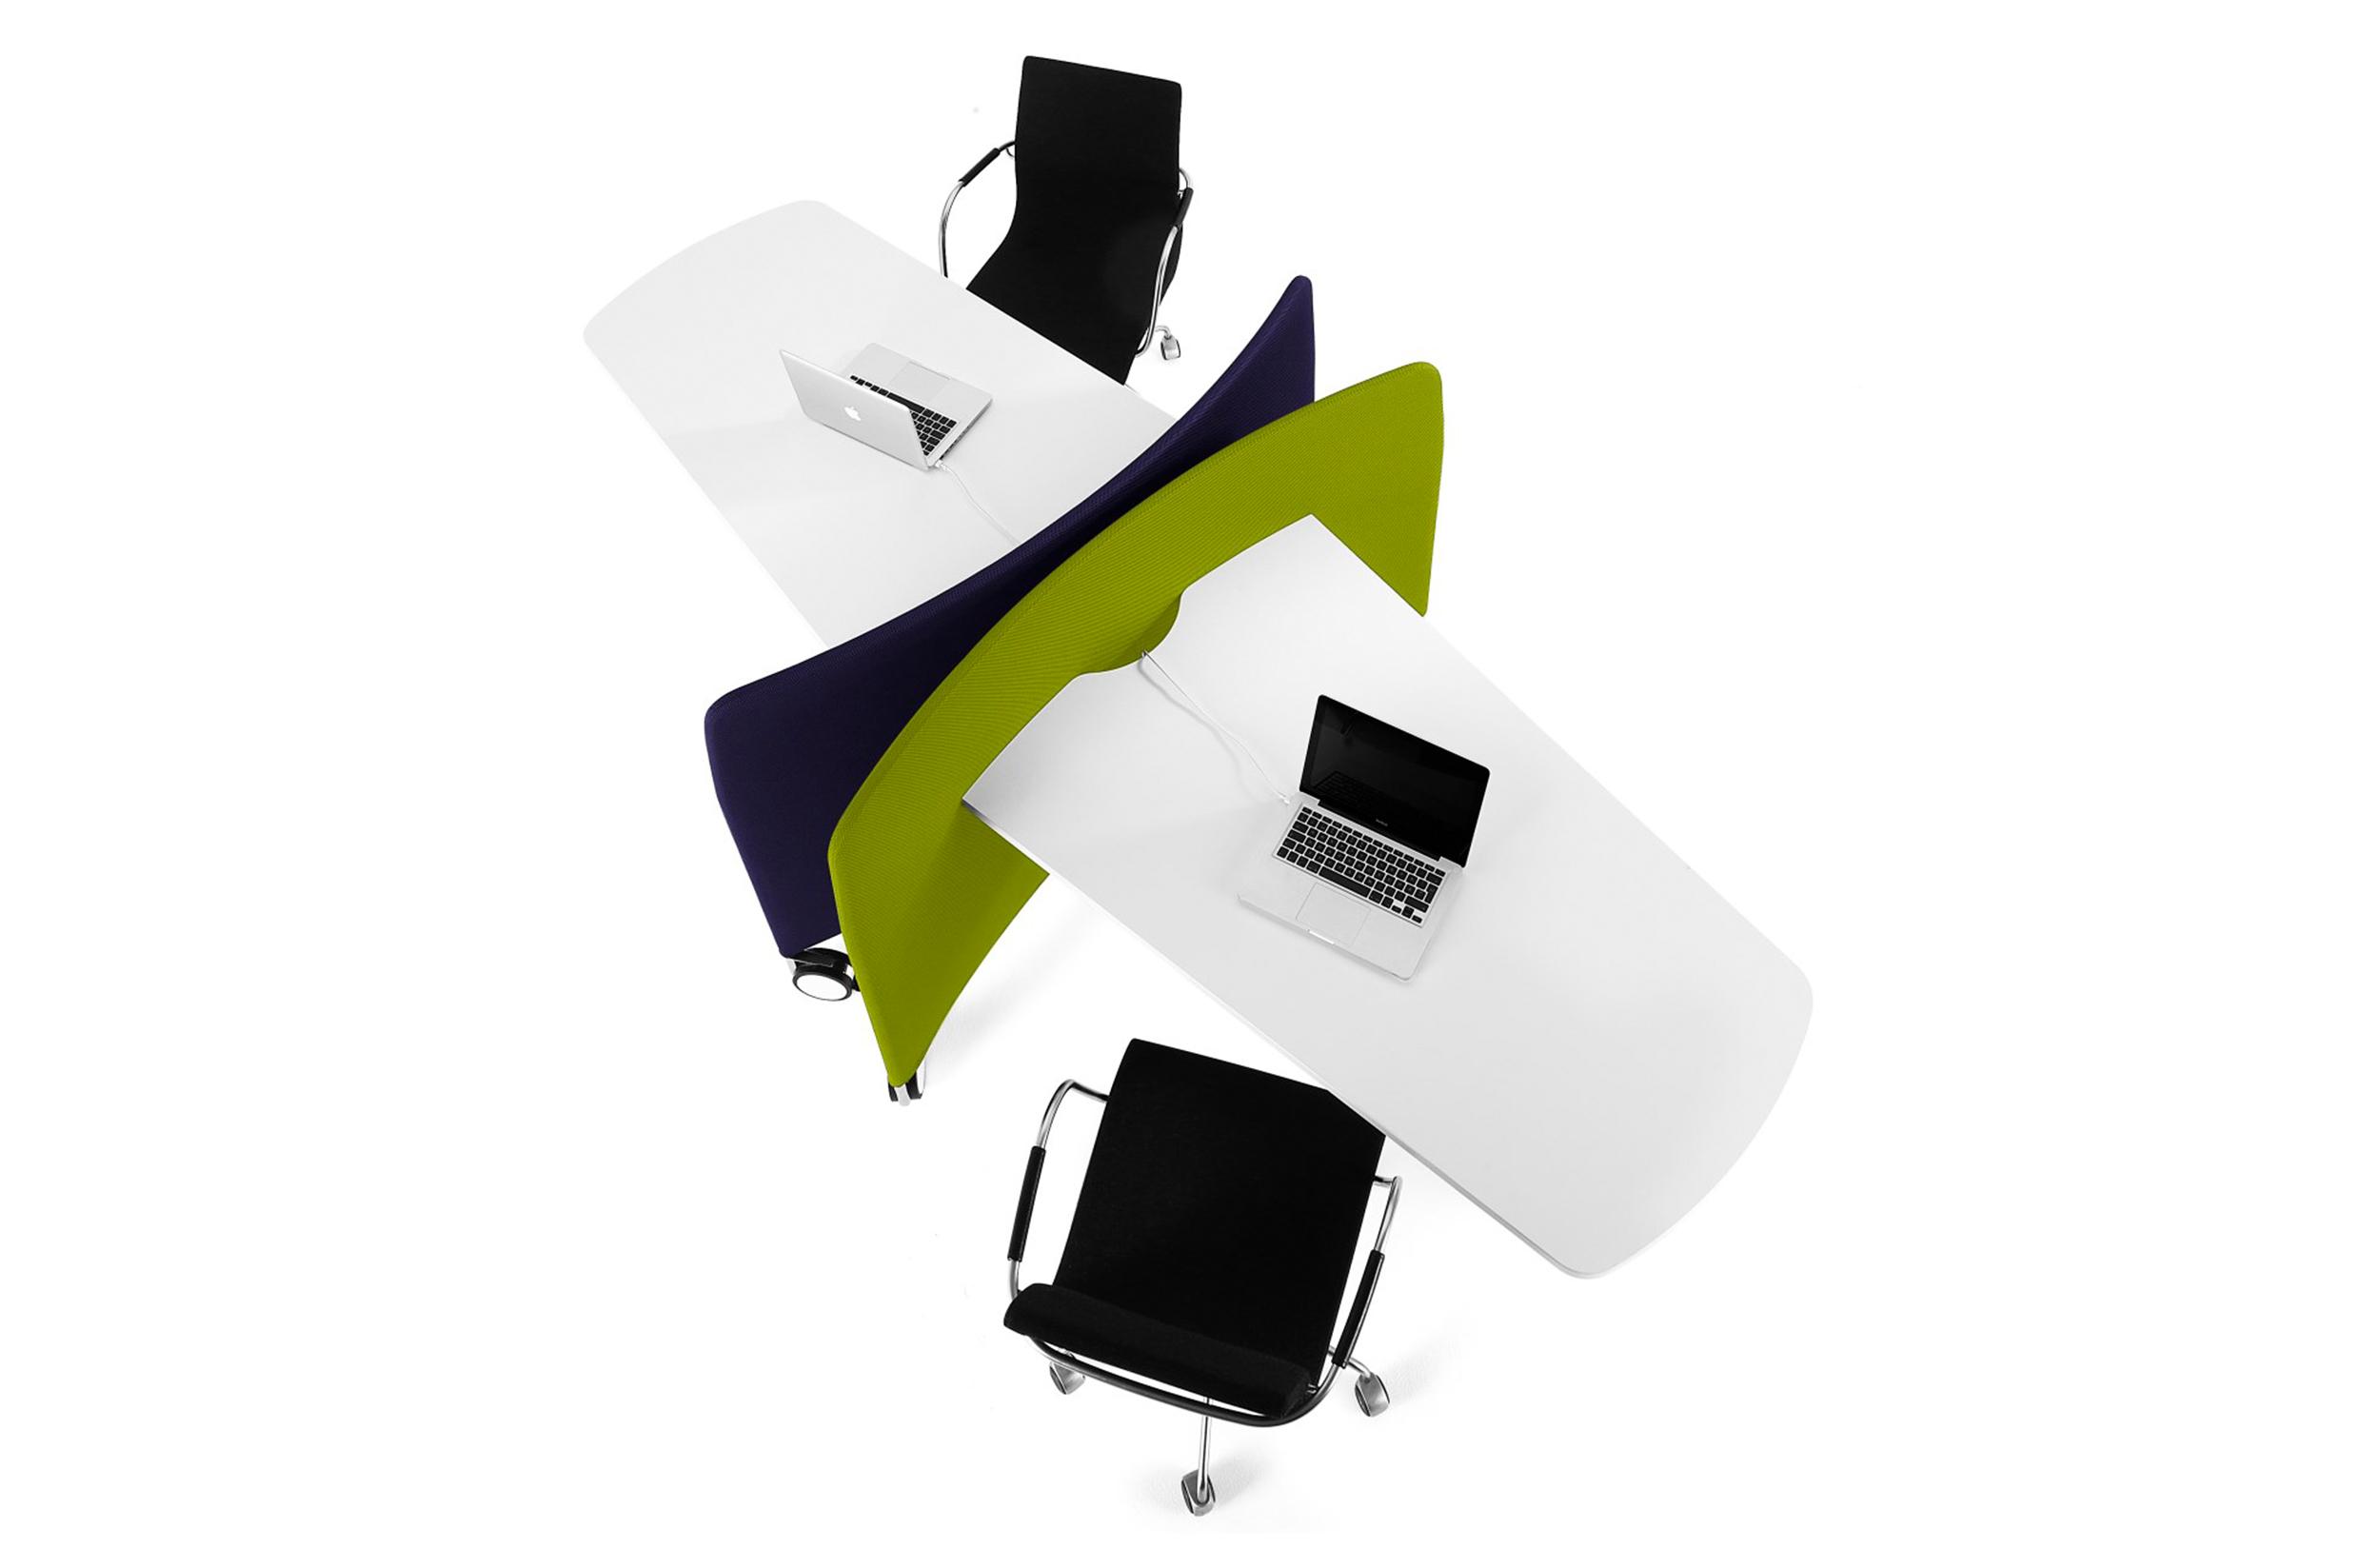 工作卡位/桌组 职员办公桌 创意家具 现代家居 时尚家具 设计师家具 定制家具 实木家具 Mobi移动工作站